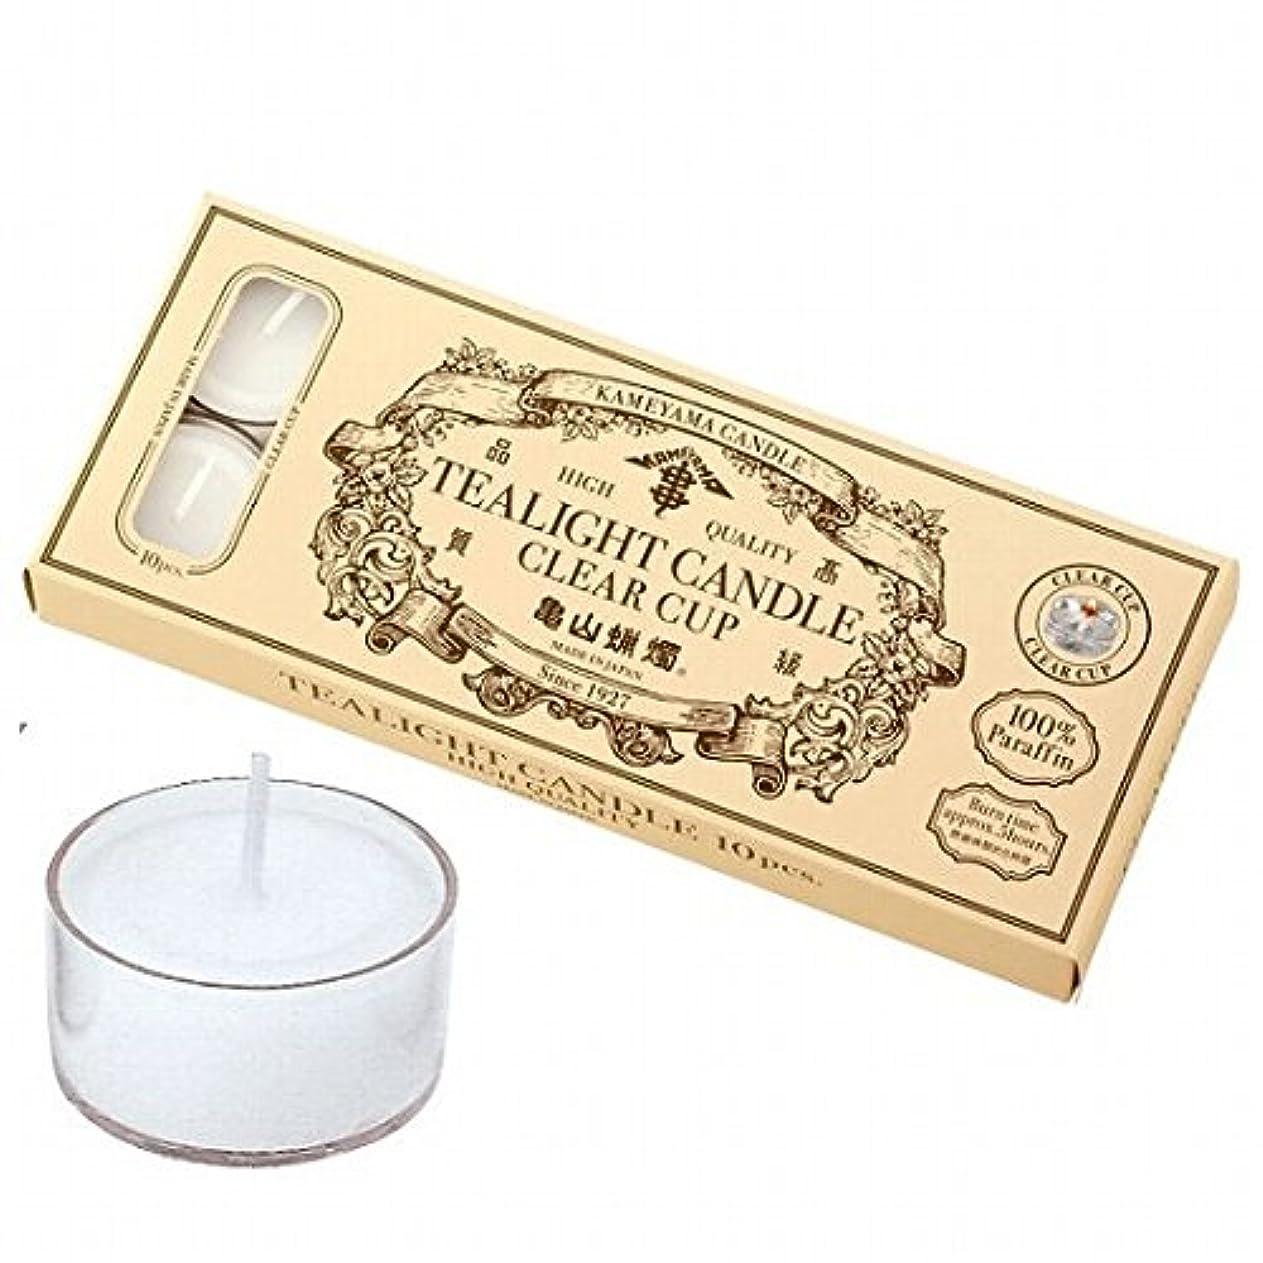 文庫本インゲンあなたのものカメヤマキャンドル(kameyama candle) 亀山ティーライトクリア10個?日本製 キャンドル